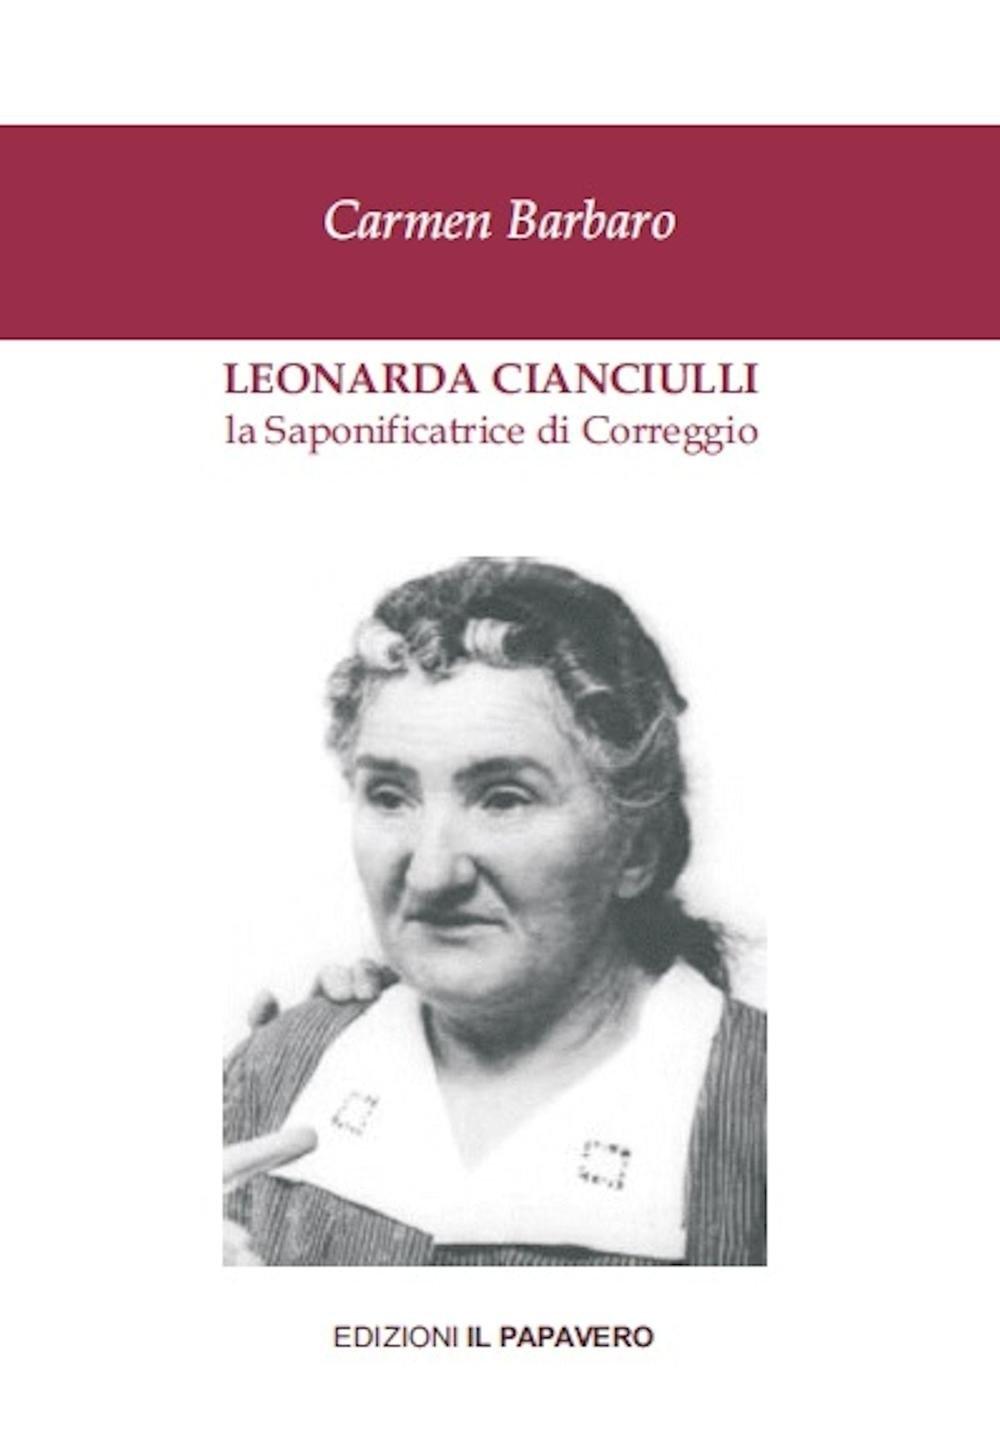 Leonarda Cianciulli. La Saponificatrice di Correggio.